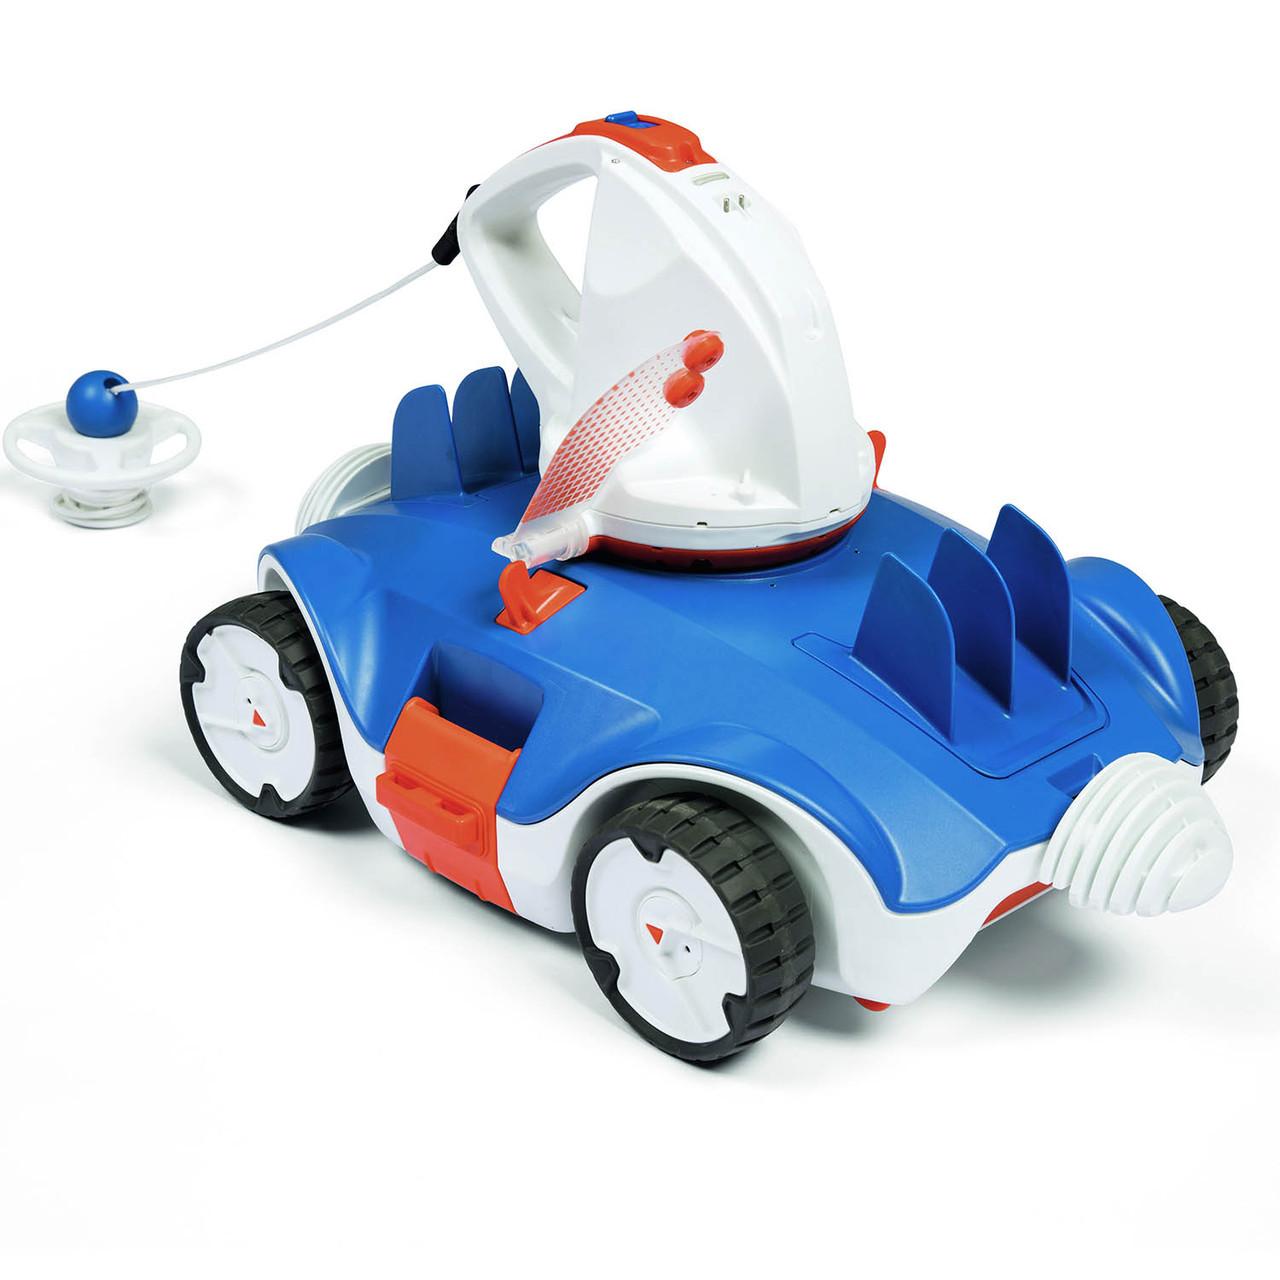 Автоматичний бездротовий робот - пилосос для басейну Bestway 58482, швидкість переміщення 1 000 м/год